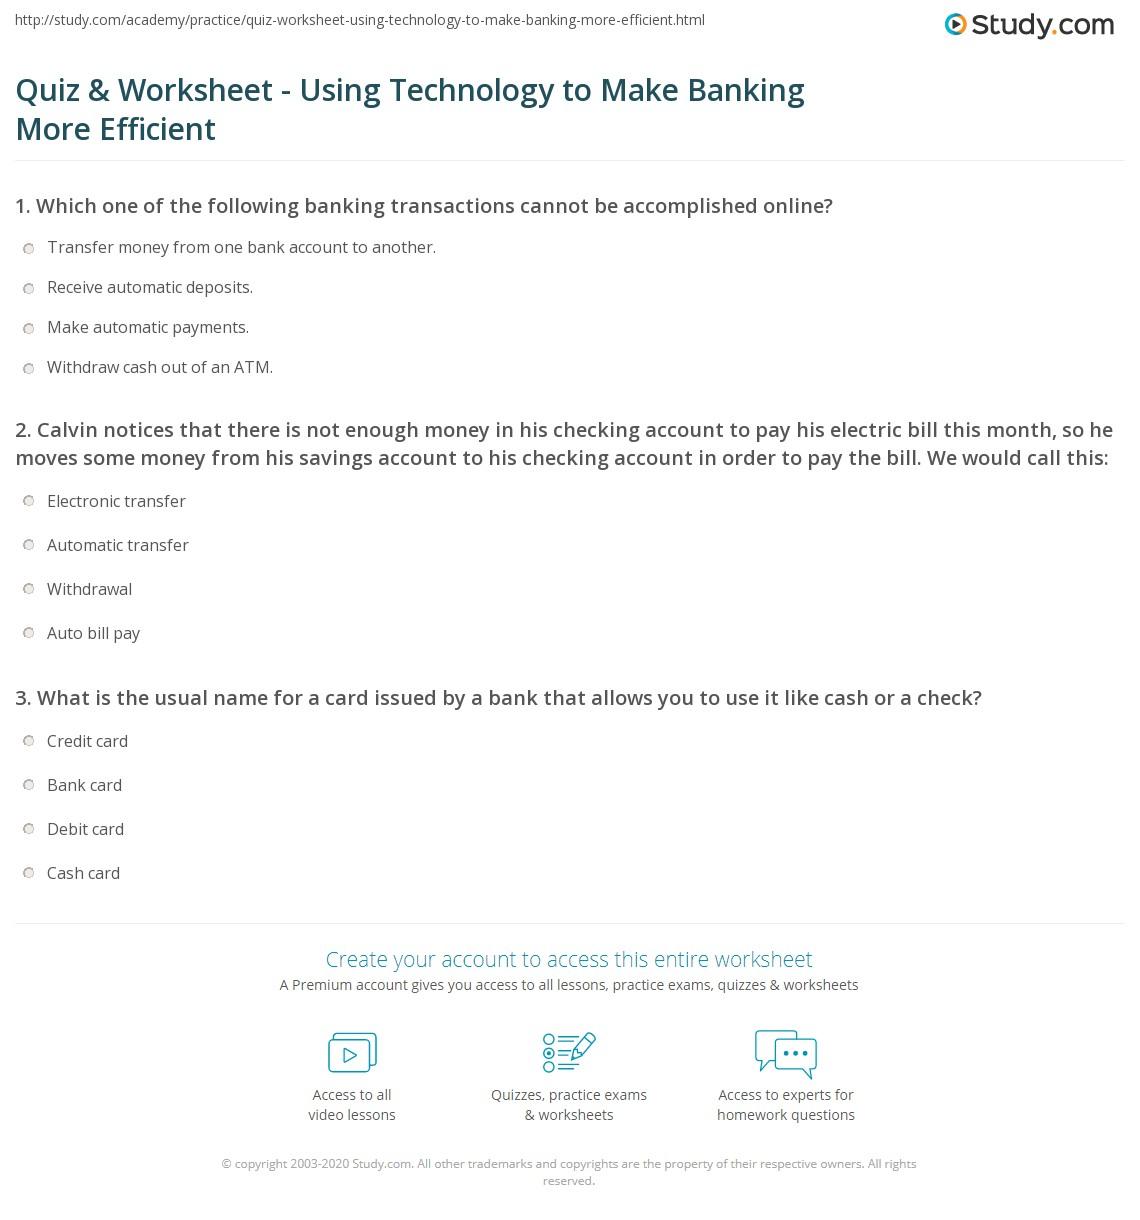 Quiz & Worksheet - Using Technology to Make Banking More